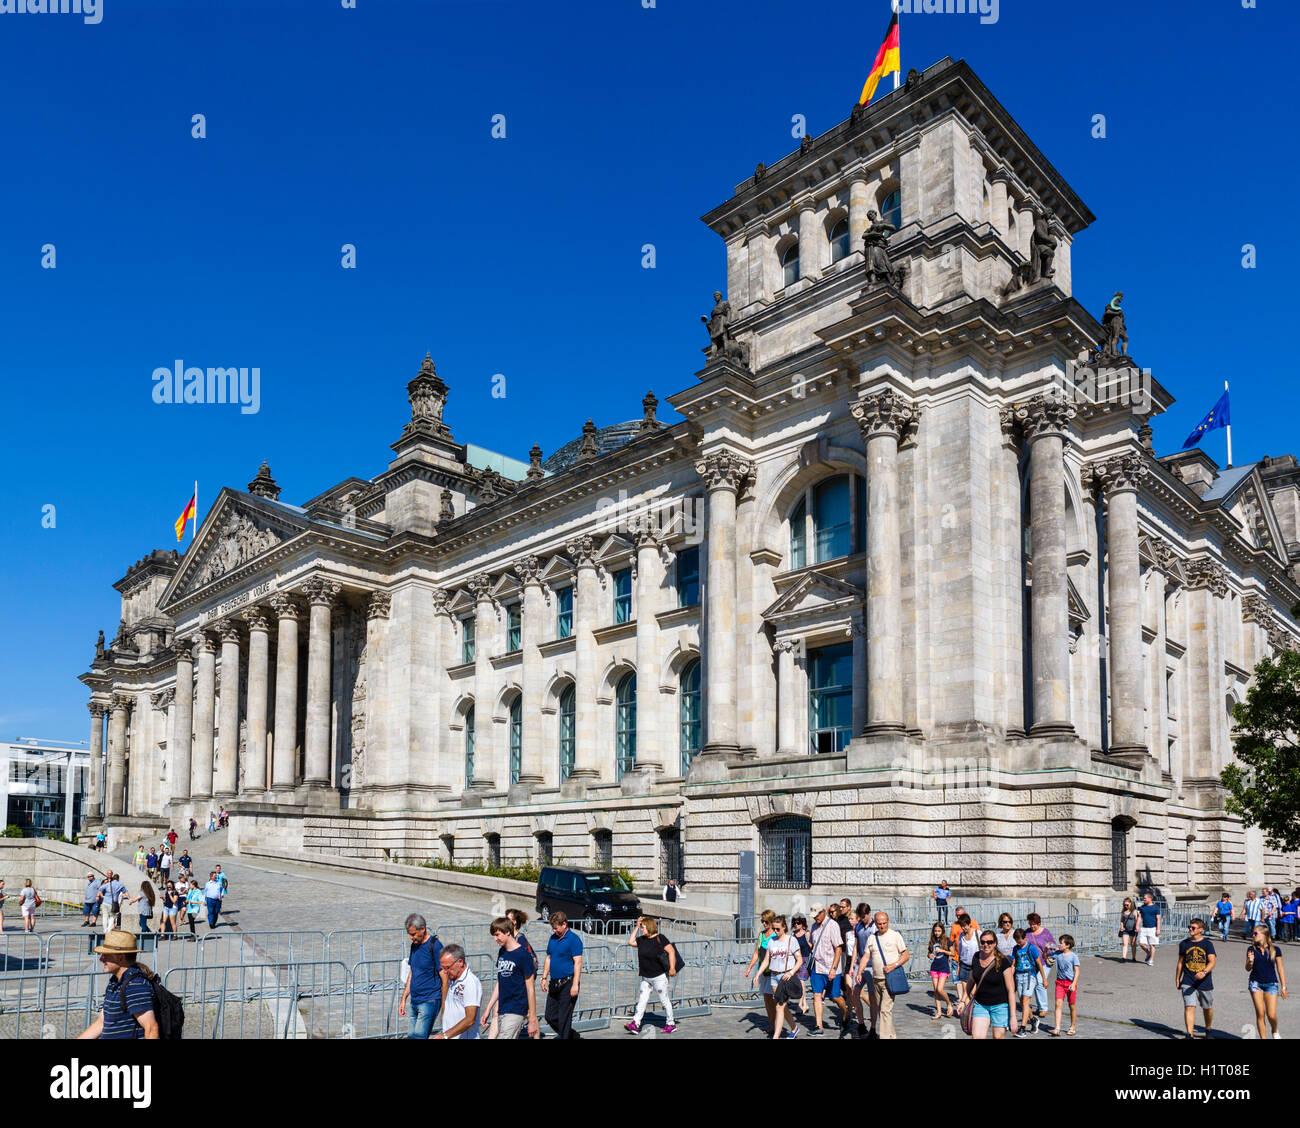 El edificio del Reichstag, Berlín, Alemania Imagen De Stock